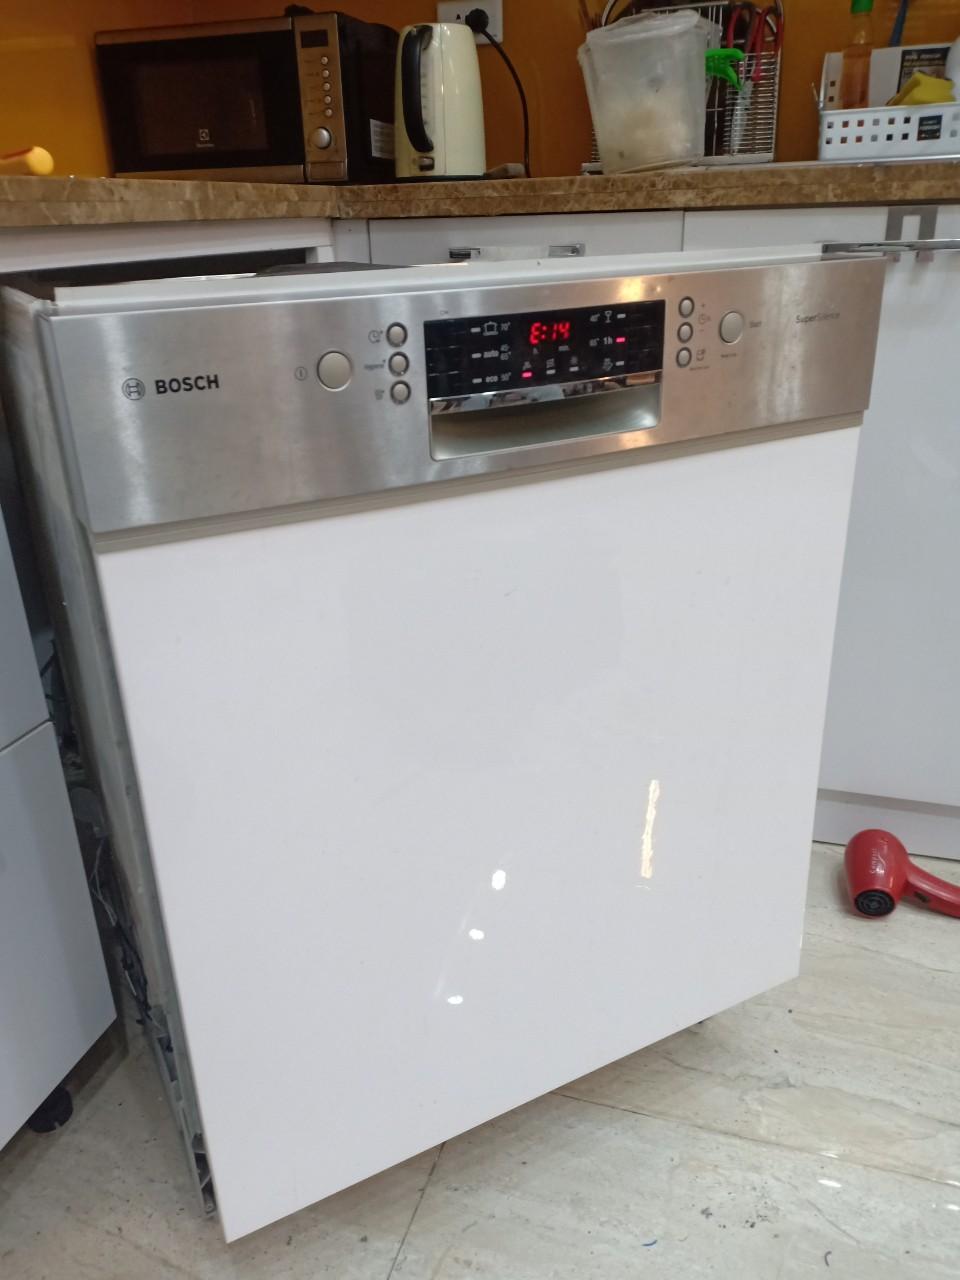 Máy rửa bát Bosch báo lỗi E14: Nguyên nhân và cách khắc phục từ A - Z